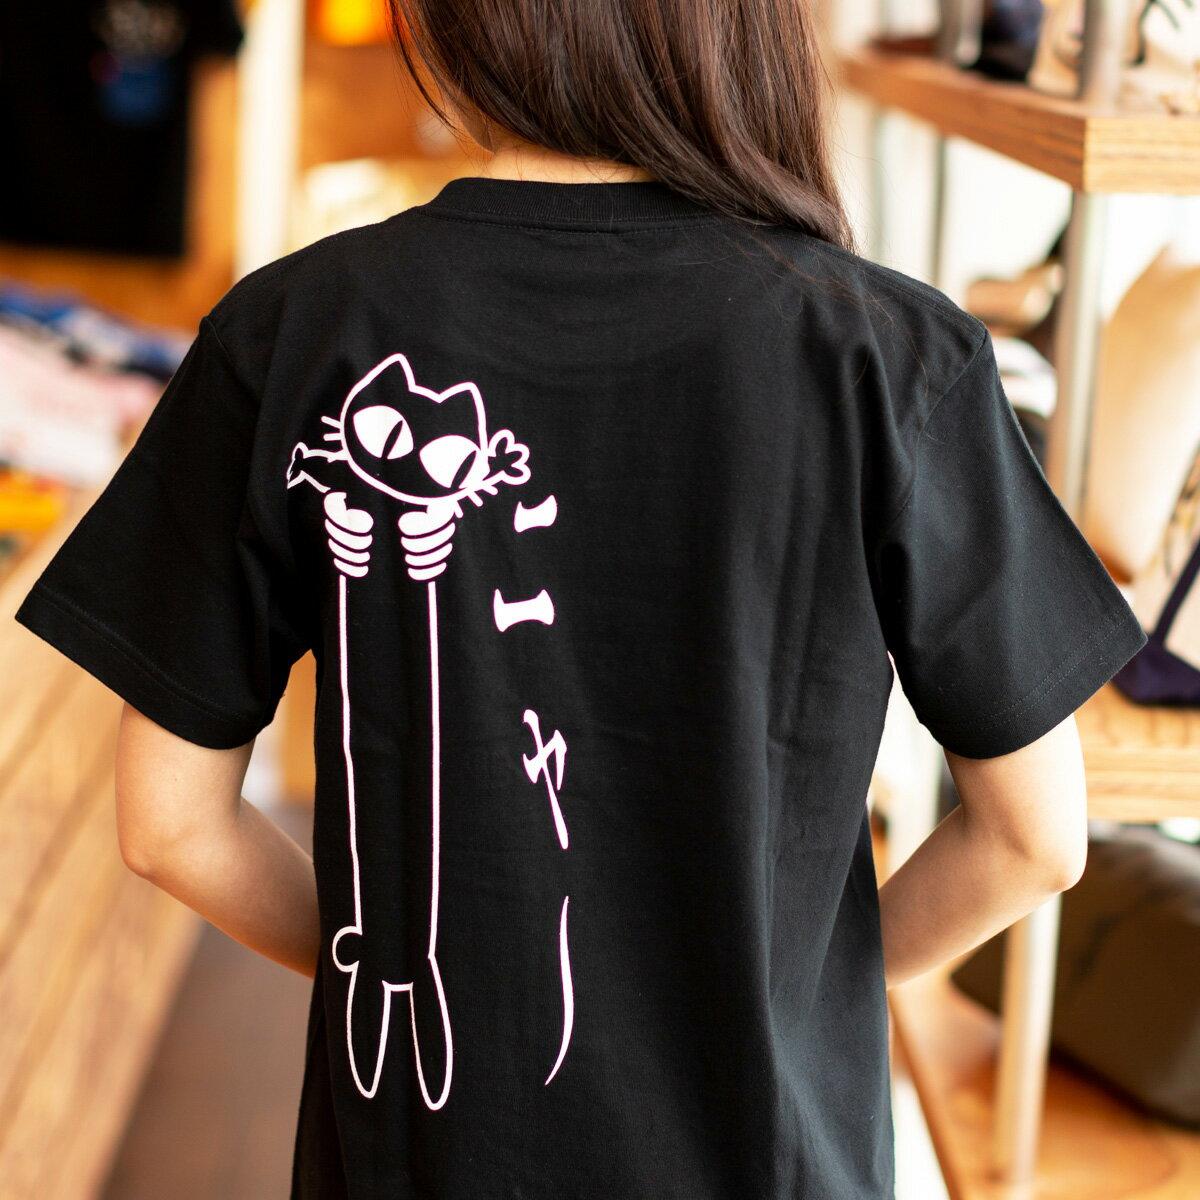 猫 ねこ Tシャツ LOVE CAT ( ブラック ) | ネコ 猫柄 猫雑貨 | メンズ レディース 半袖 トップス | おもしろTシャツ かわいい おしゃれ 大人 親子 ペアルック お揃い プレゼント | 大きいサイズ | SCOPY / スコーピー